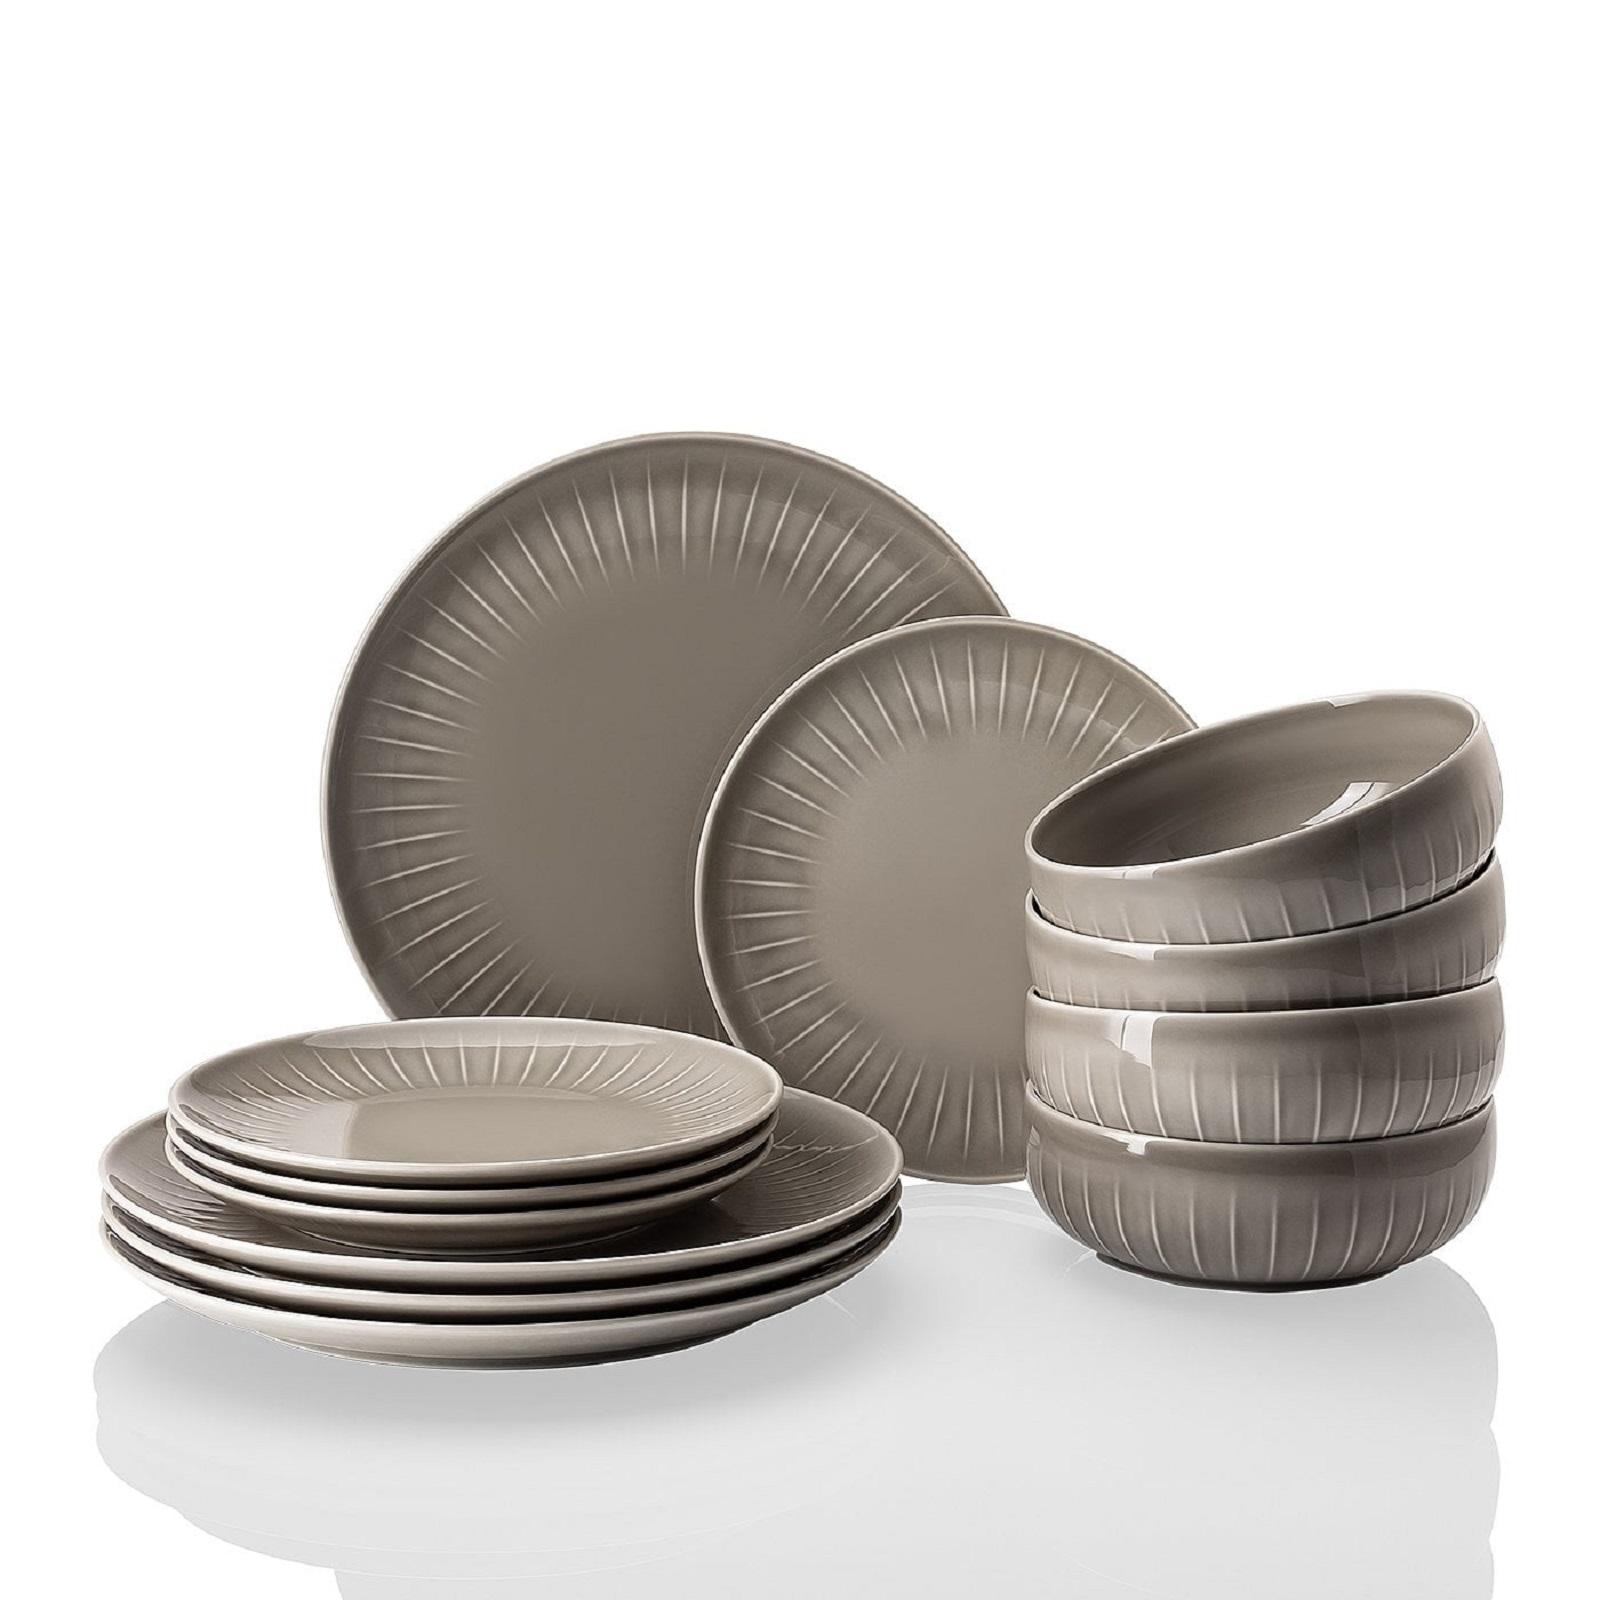 Онлайн каталог PROMENU: Набор посуды столовой Arzberg JOYN, серый, 12 предметов Arzberg 44020-640202-28650